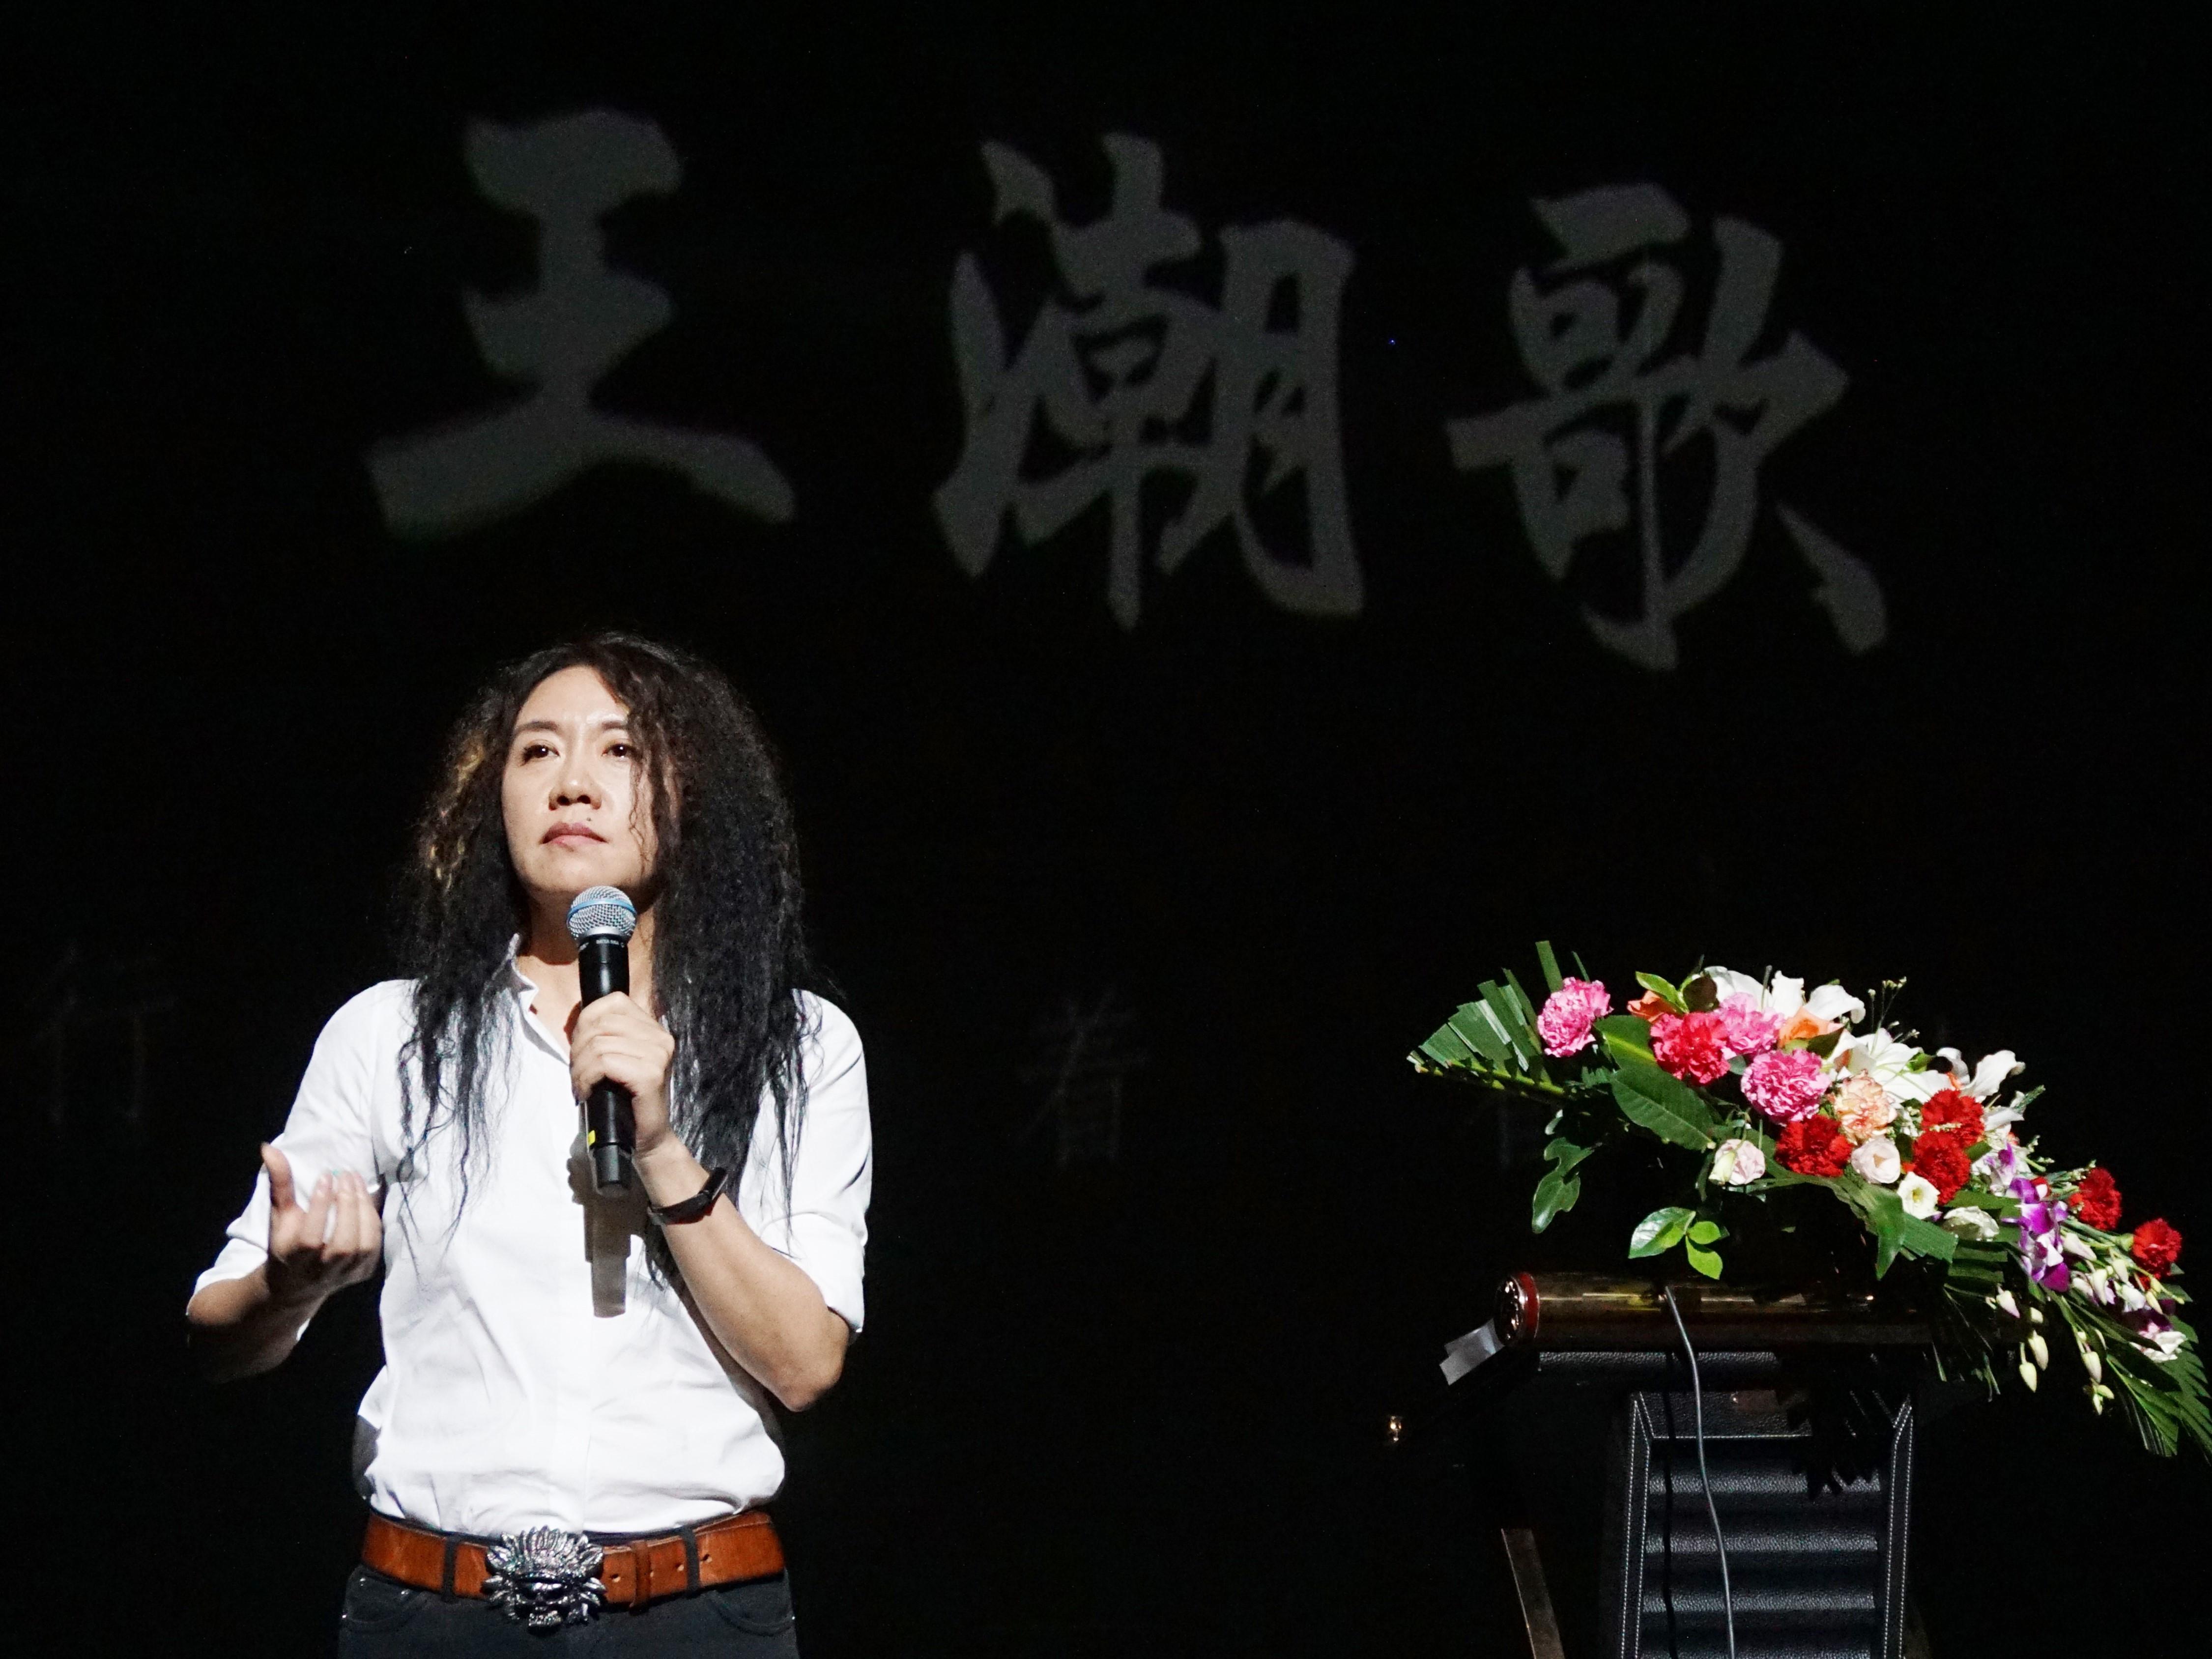 第二届丝绸之路国际文化博览会在敦煌市举办 《又见敦煌》成甘肃又一图片